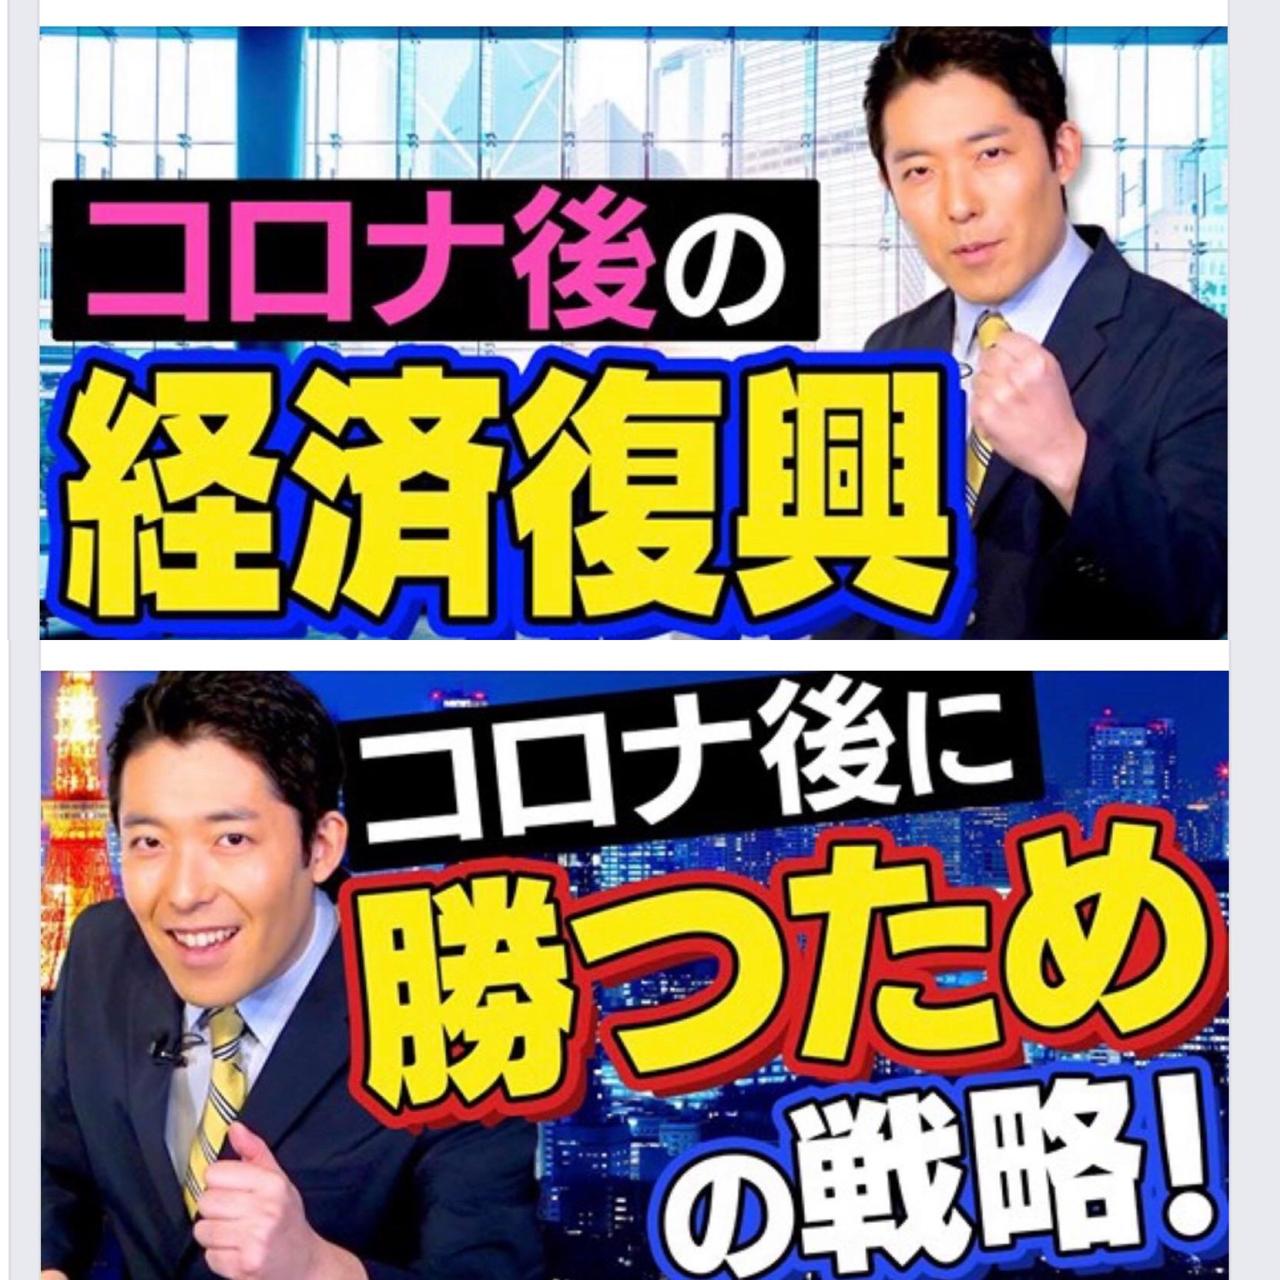 敦彦 大学 中田 ユーチューブ